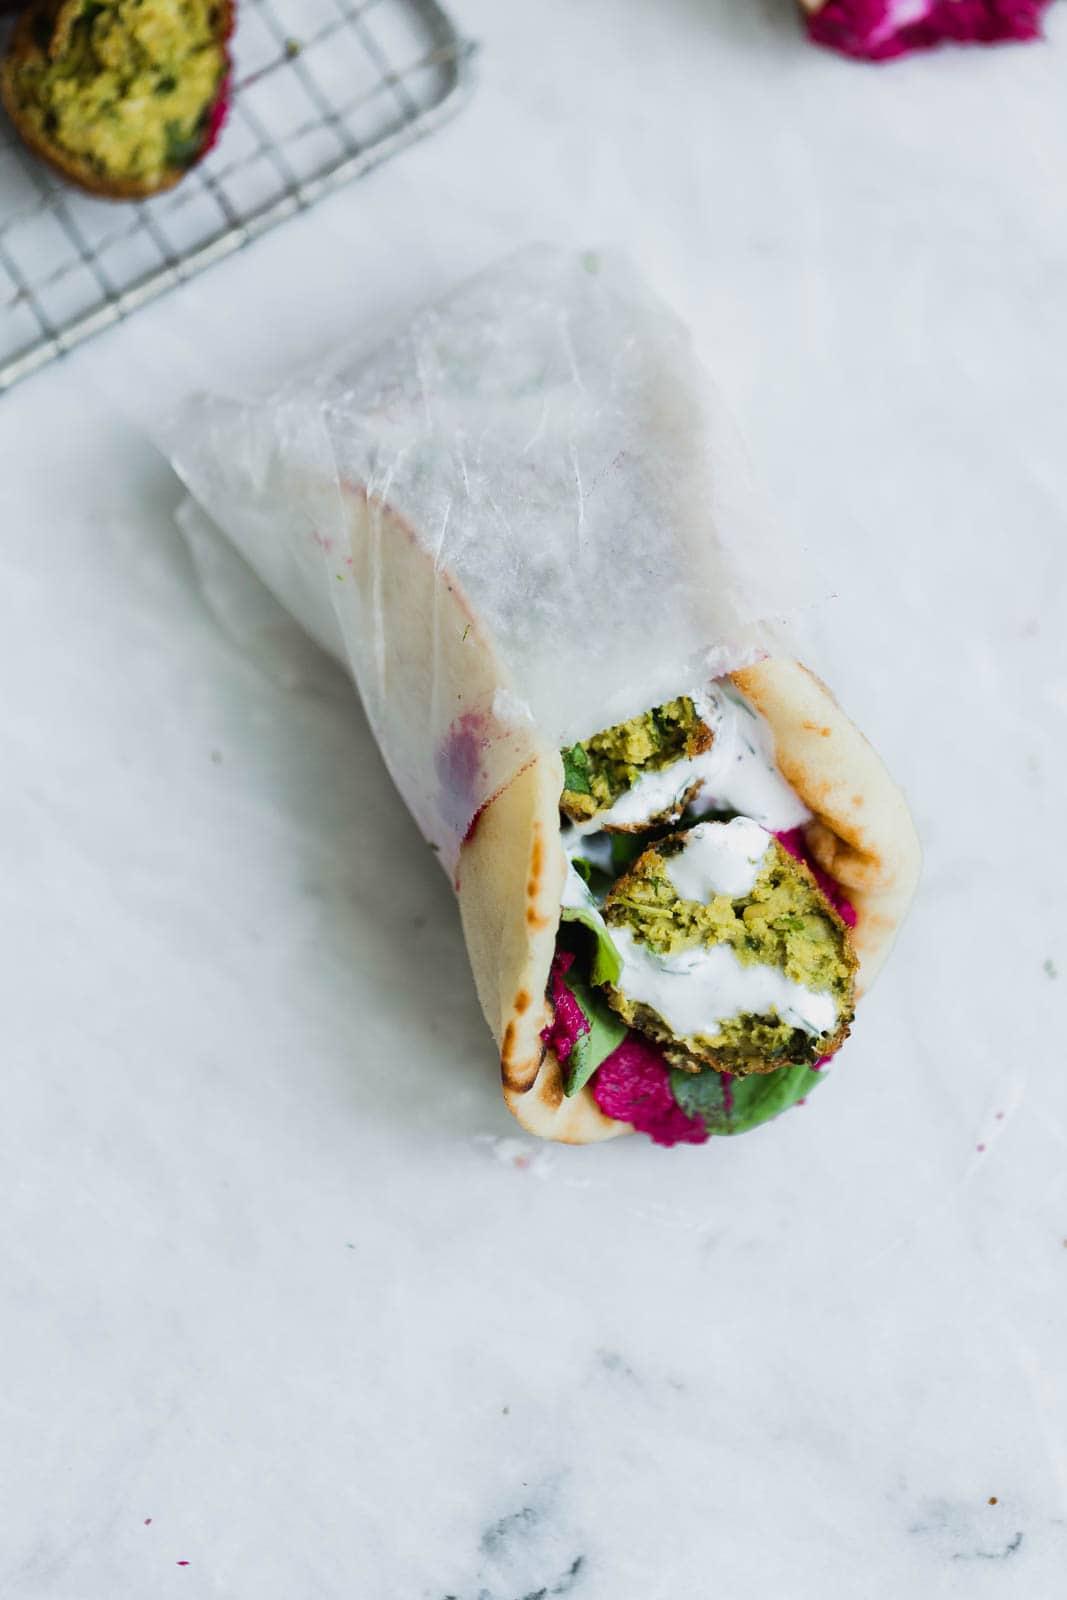 green falafel sandwich in wax paper